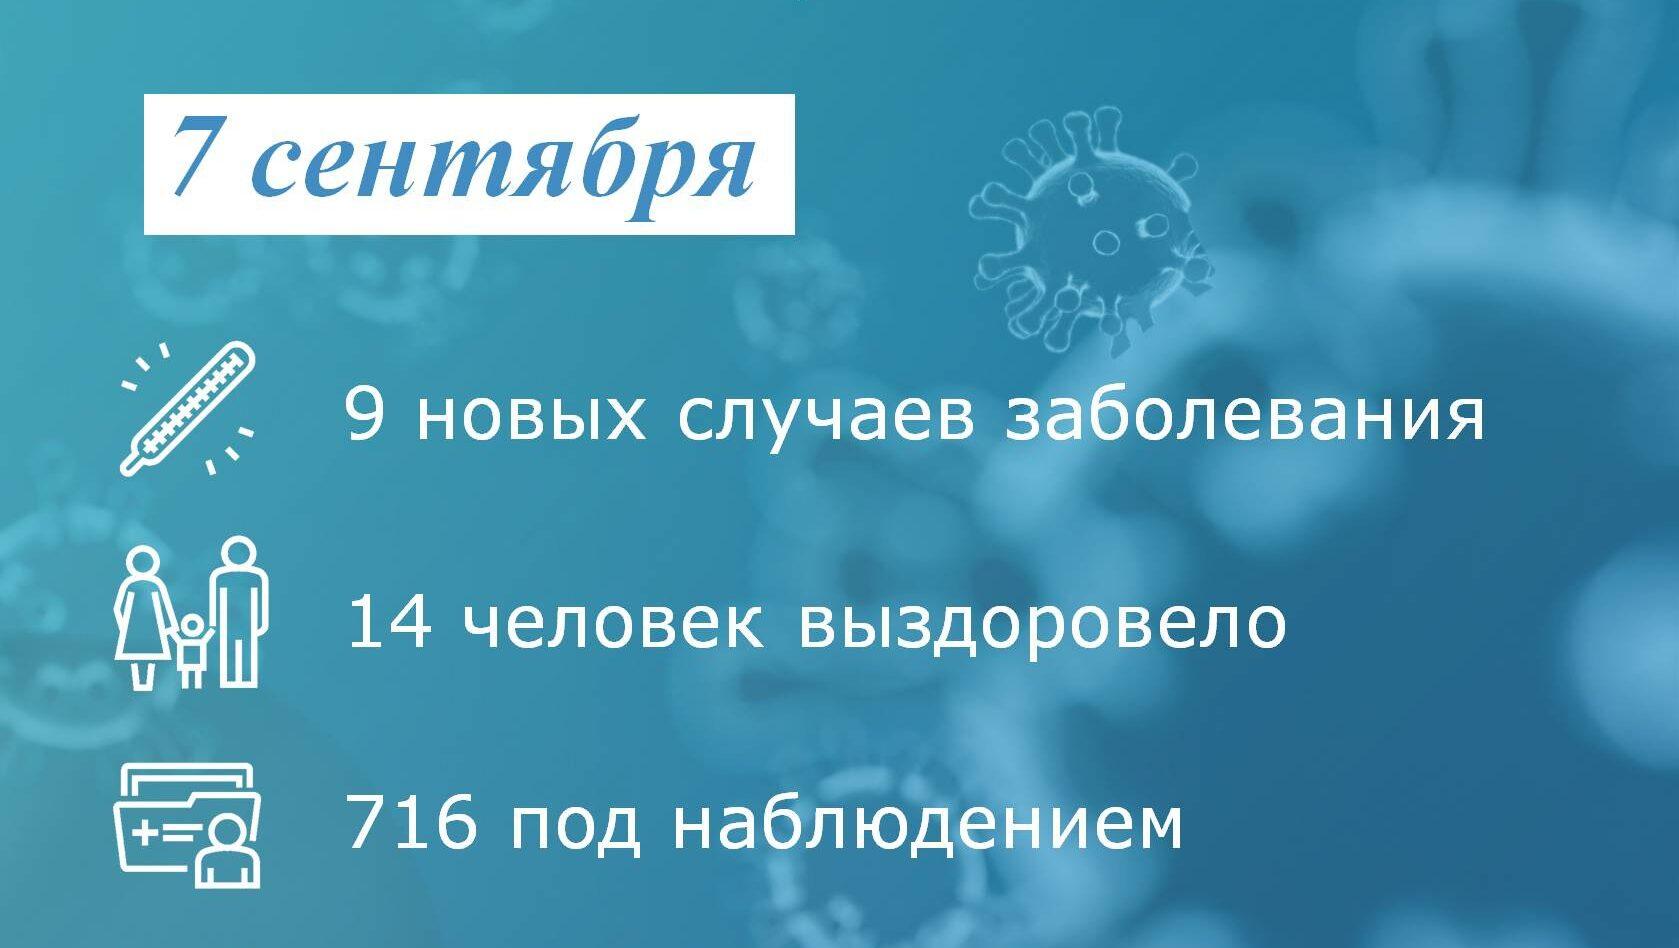 Коронавирус: в Таганроге за сутки заболели 9 человек